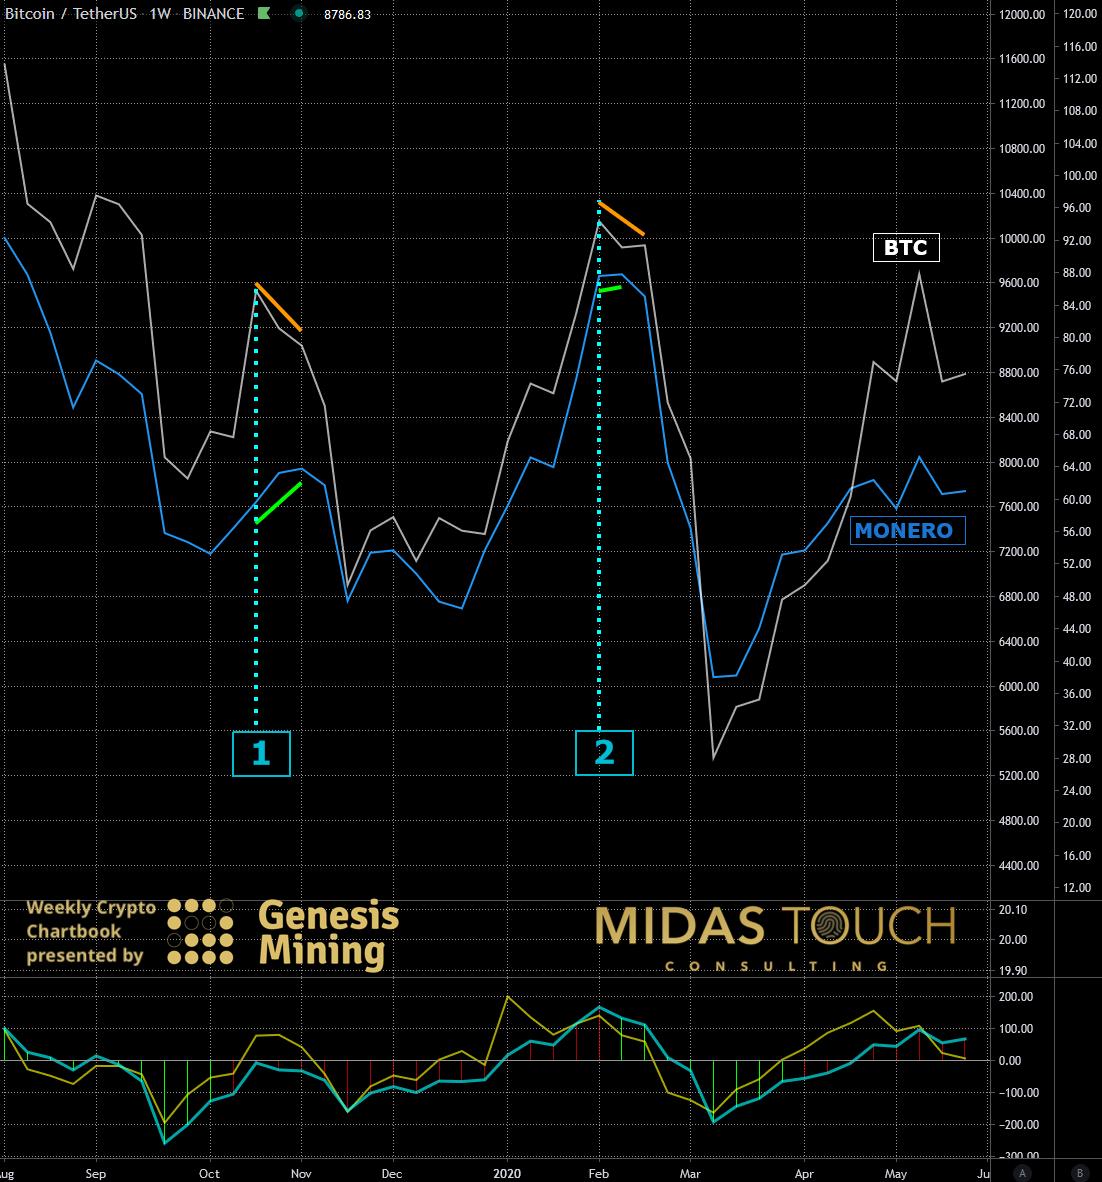 BTC-USDT versus XMR-USDT, weekly chart as of May 25th, 2020 b